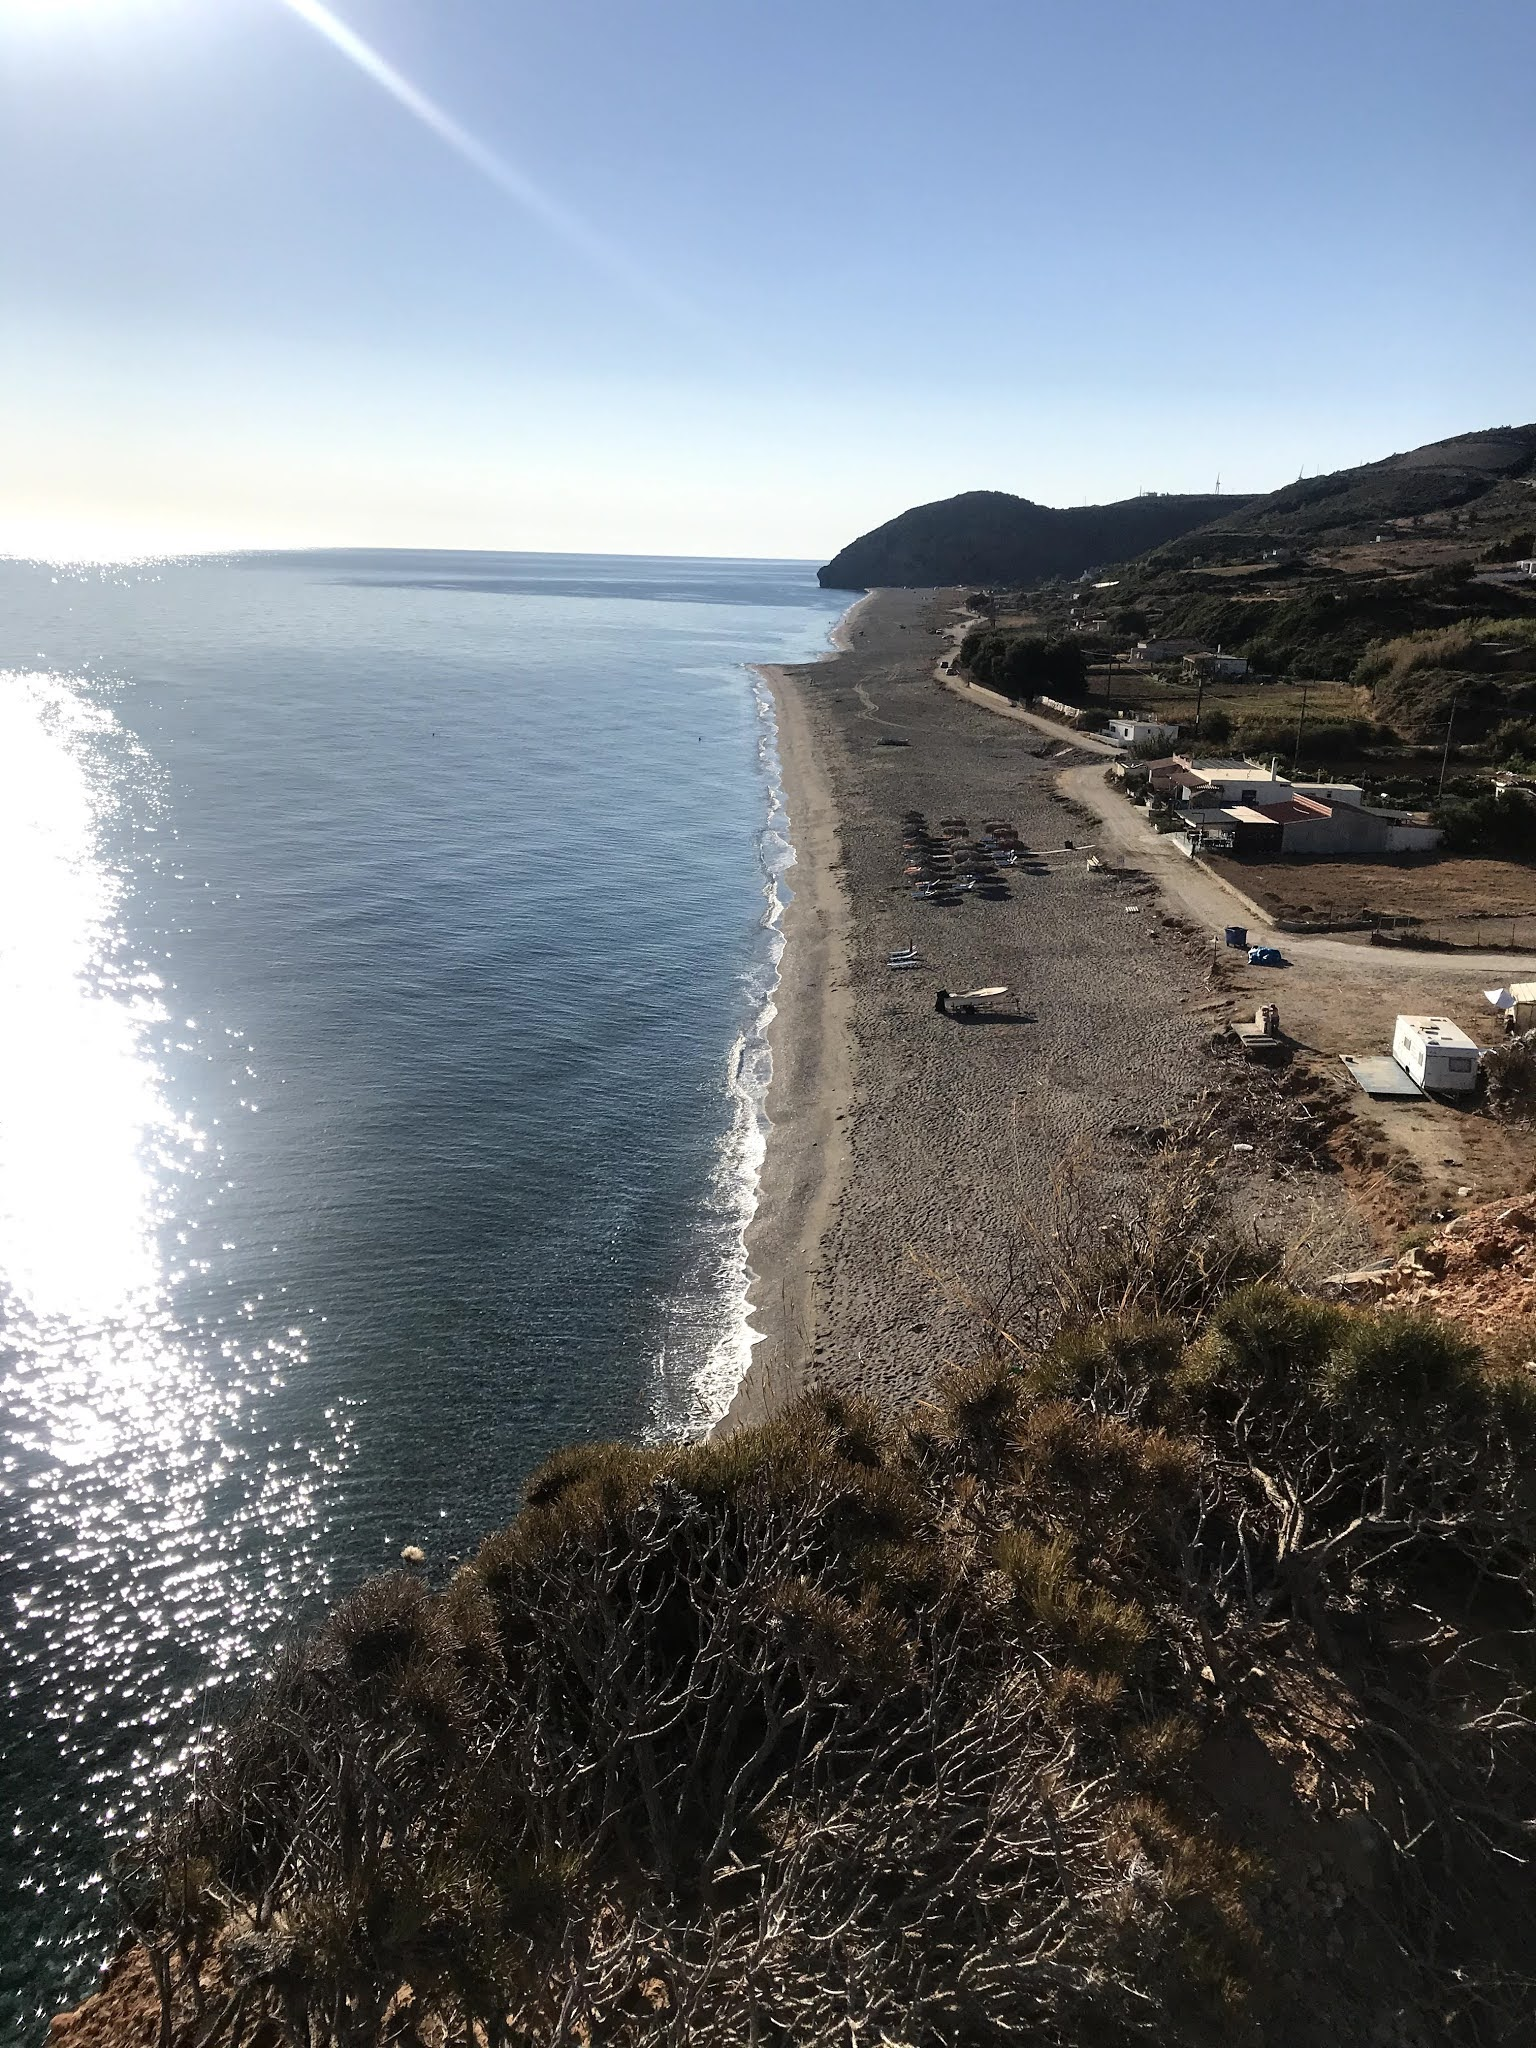 Παραλία Κεφάλα Άγιος Μερκούριος Μουρτερής, Οκτωνιά Εύβοιας